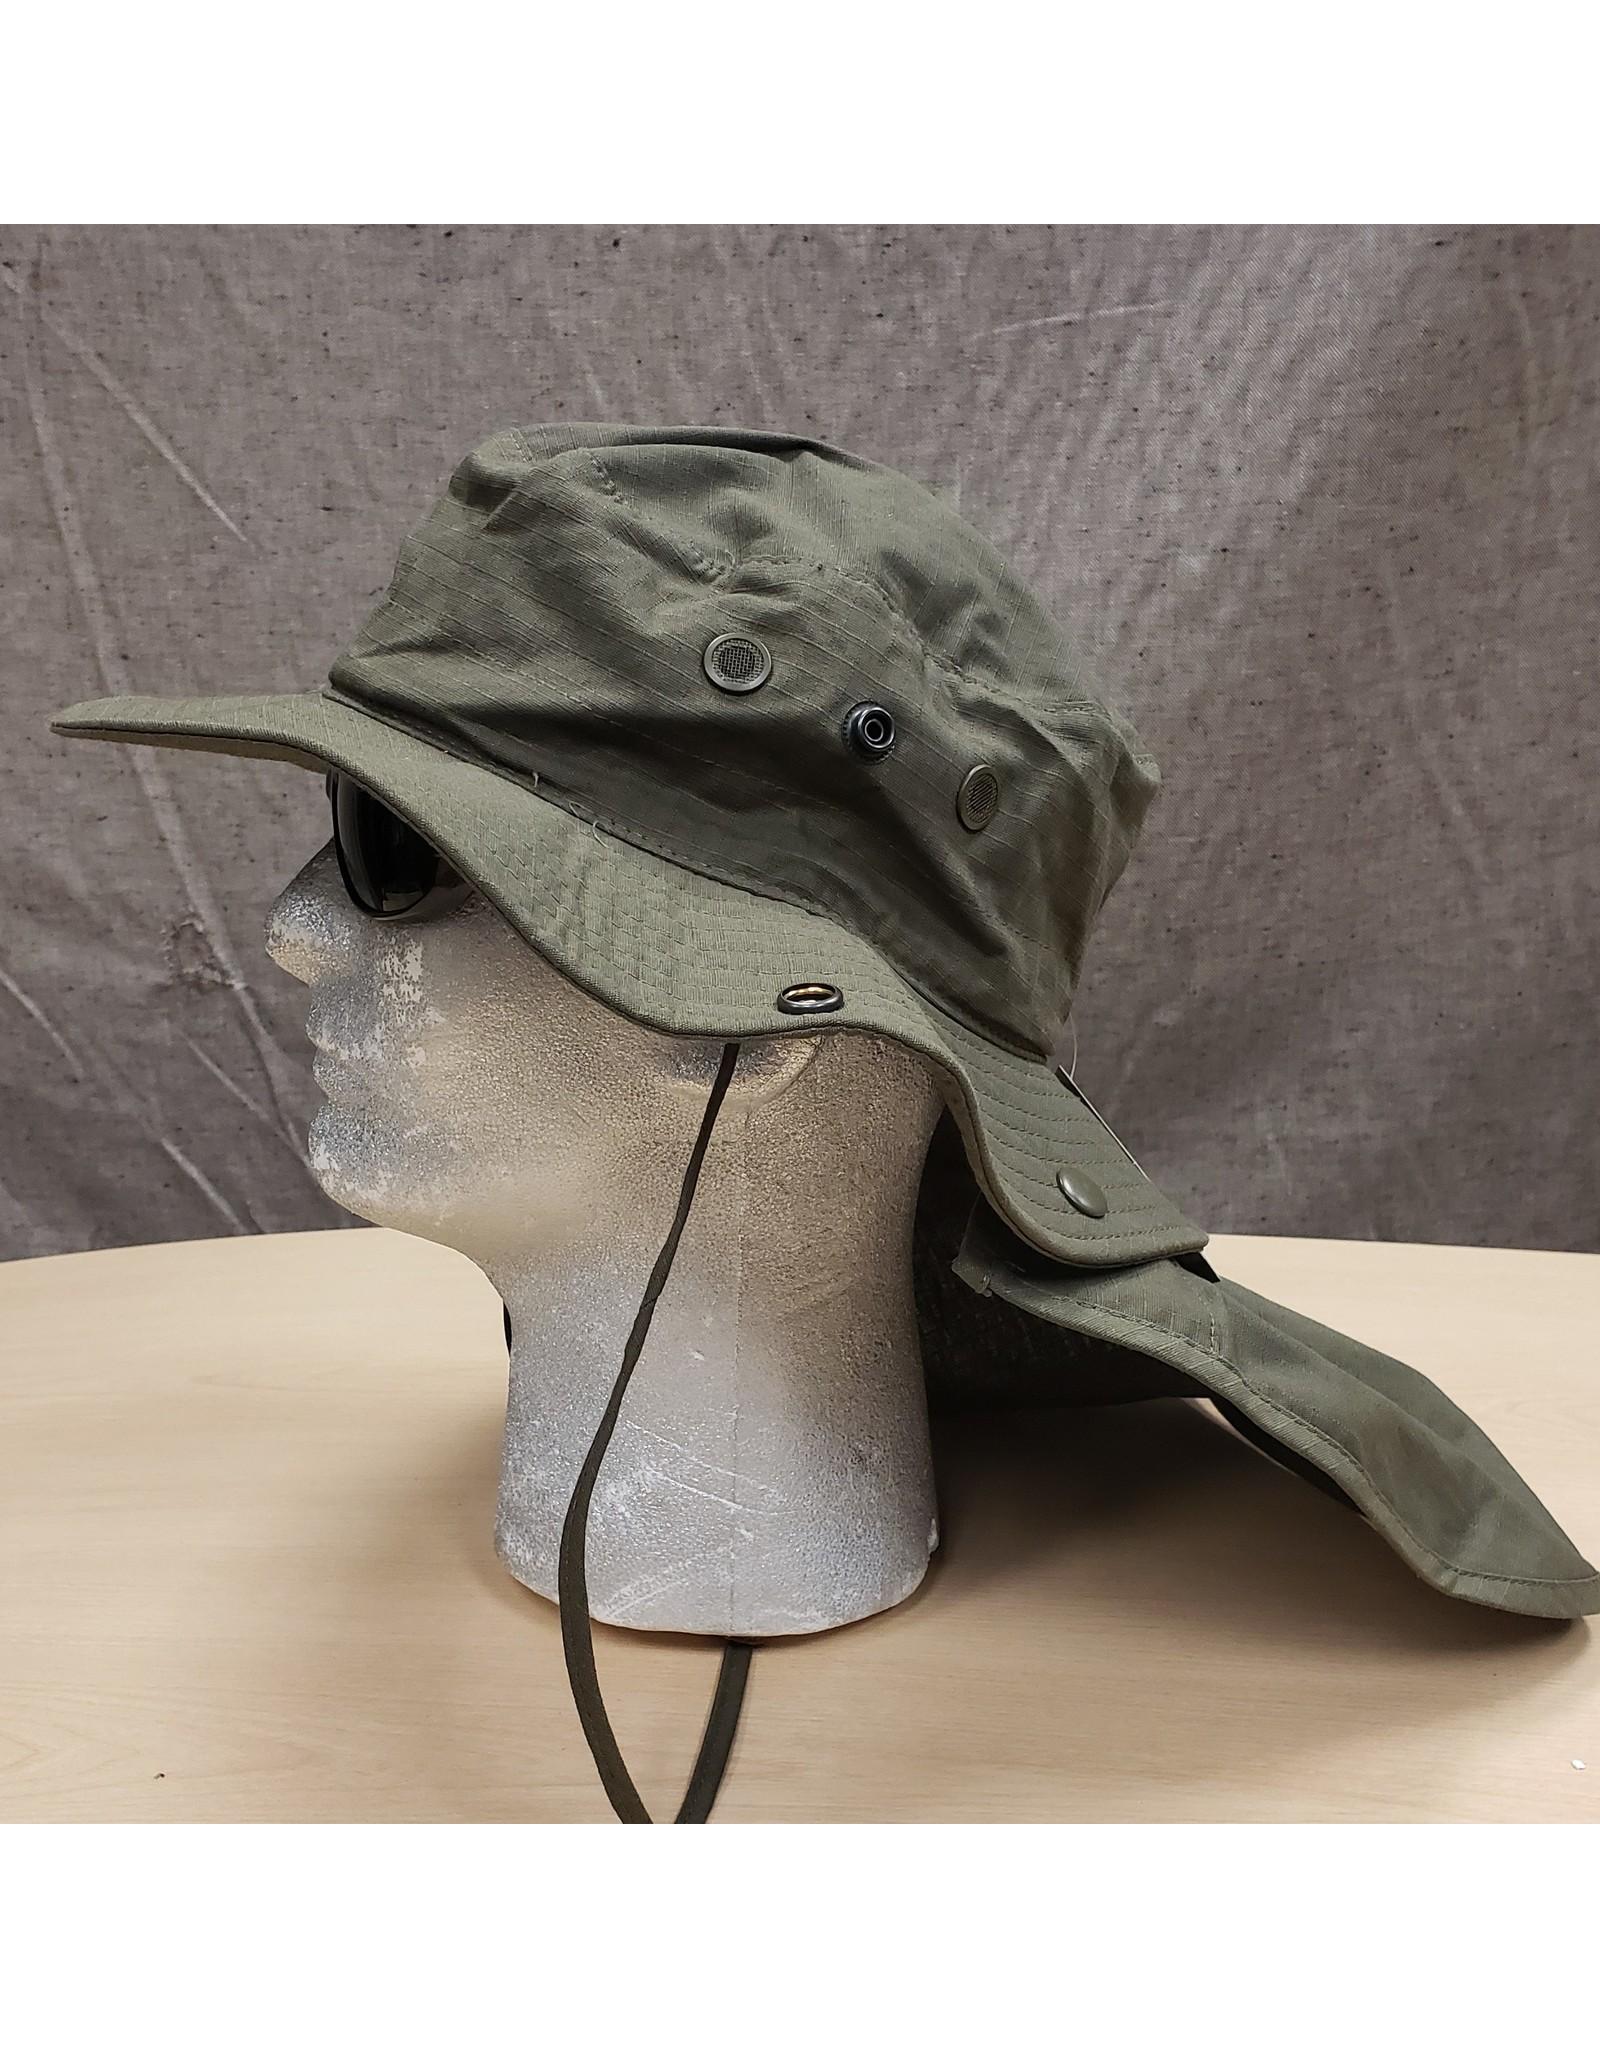 FOX TACTICAL GEAR BOONIE CAP With SUN FLAP-OSFM